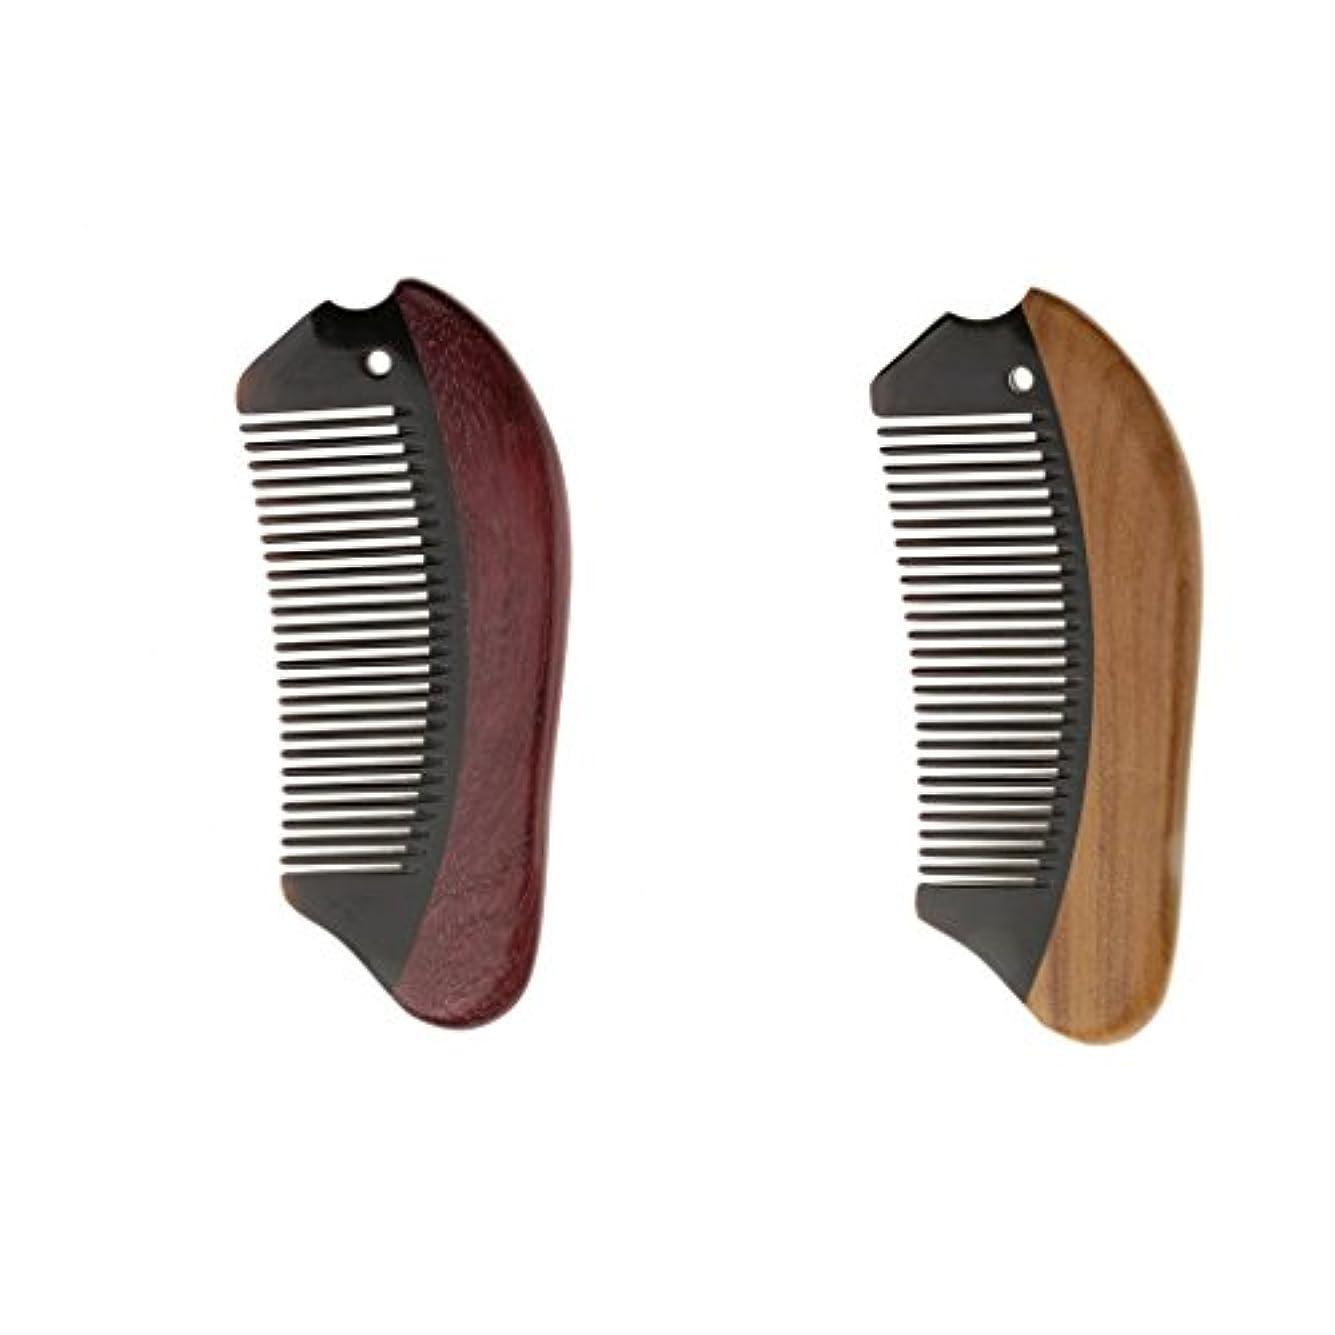 惨めなフック機構Homyl 2個 木製 櫛 コーム 静電気防止 マッサージ 高品質 プレゼント 滑らか 快適